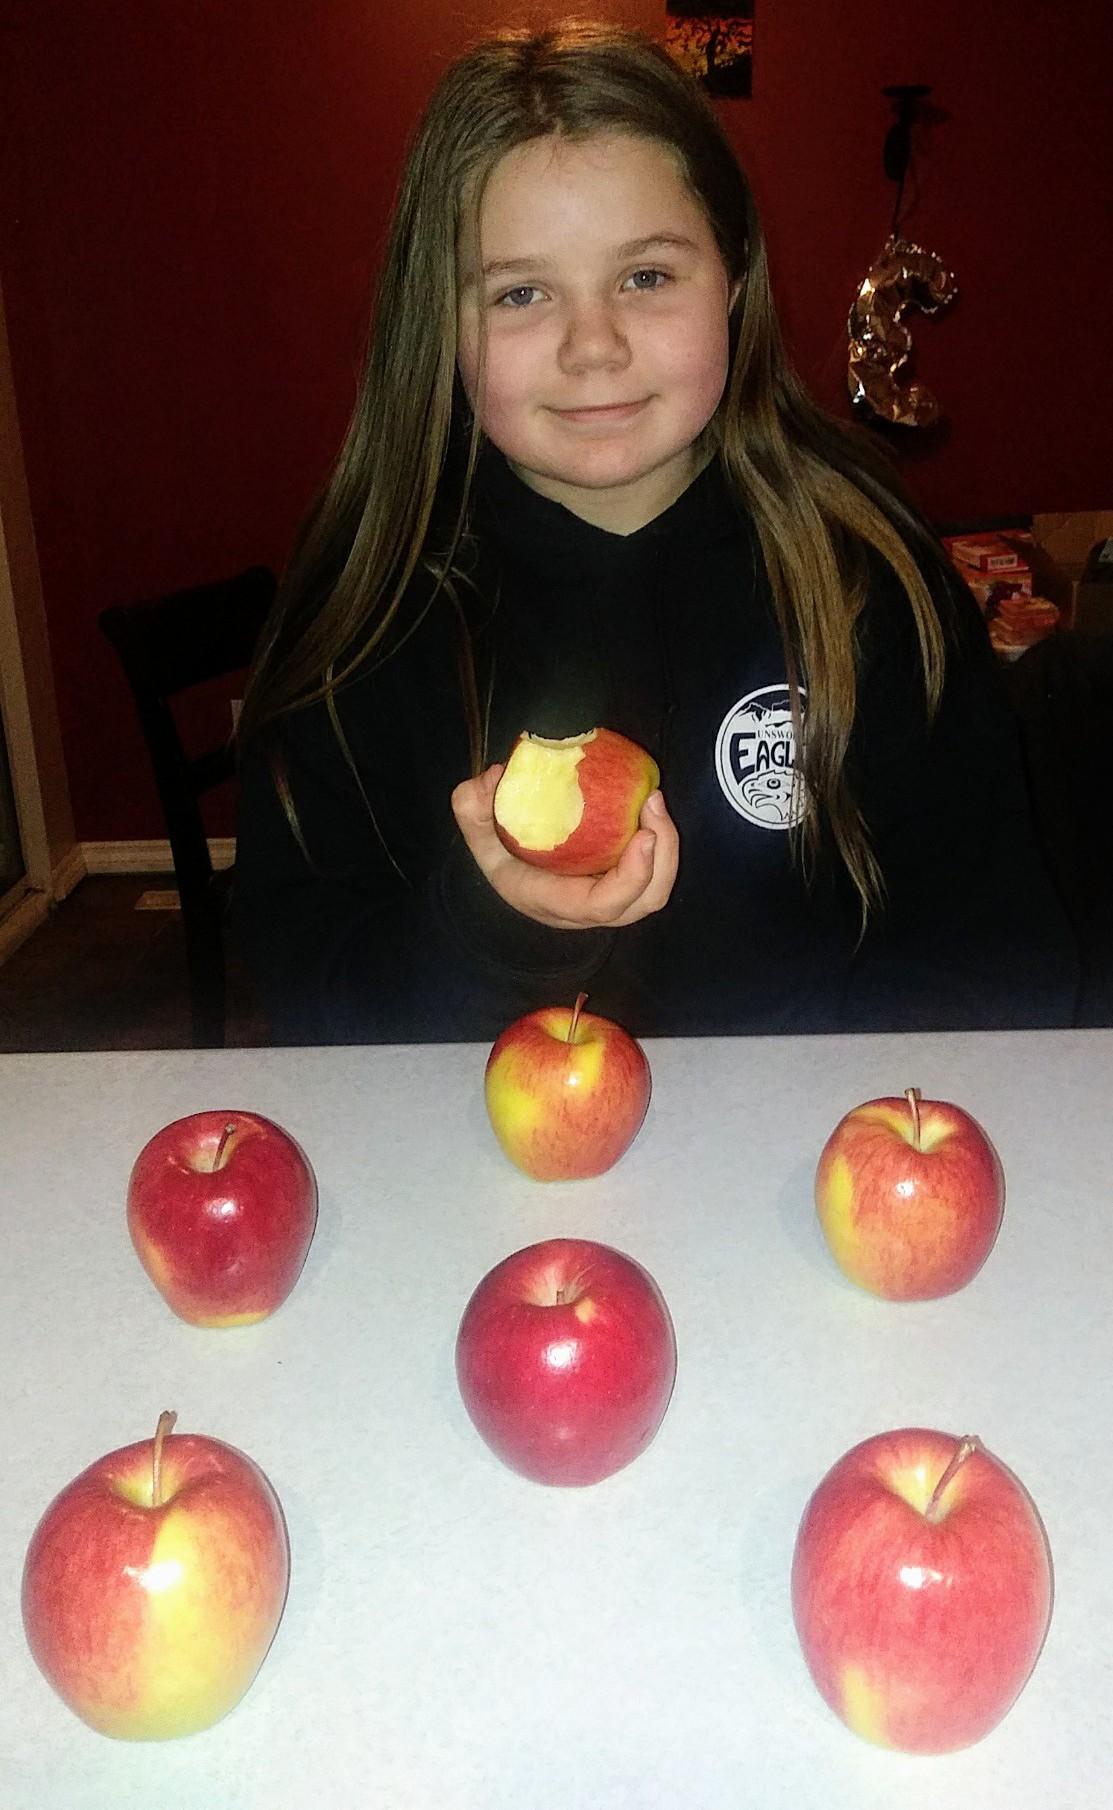 my daughter sage enjoying ambrosia apples